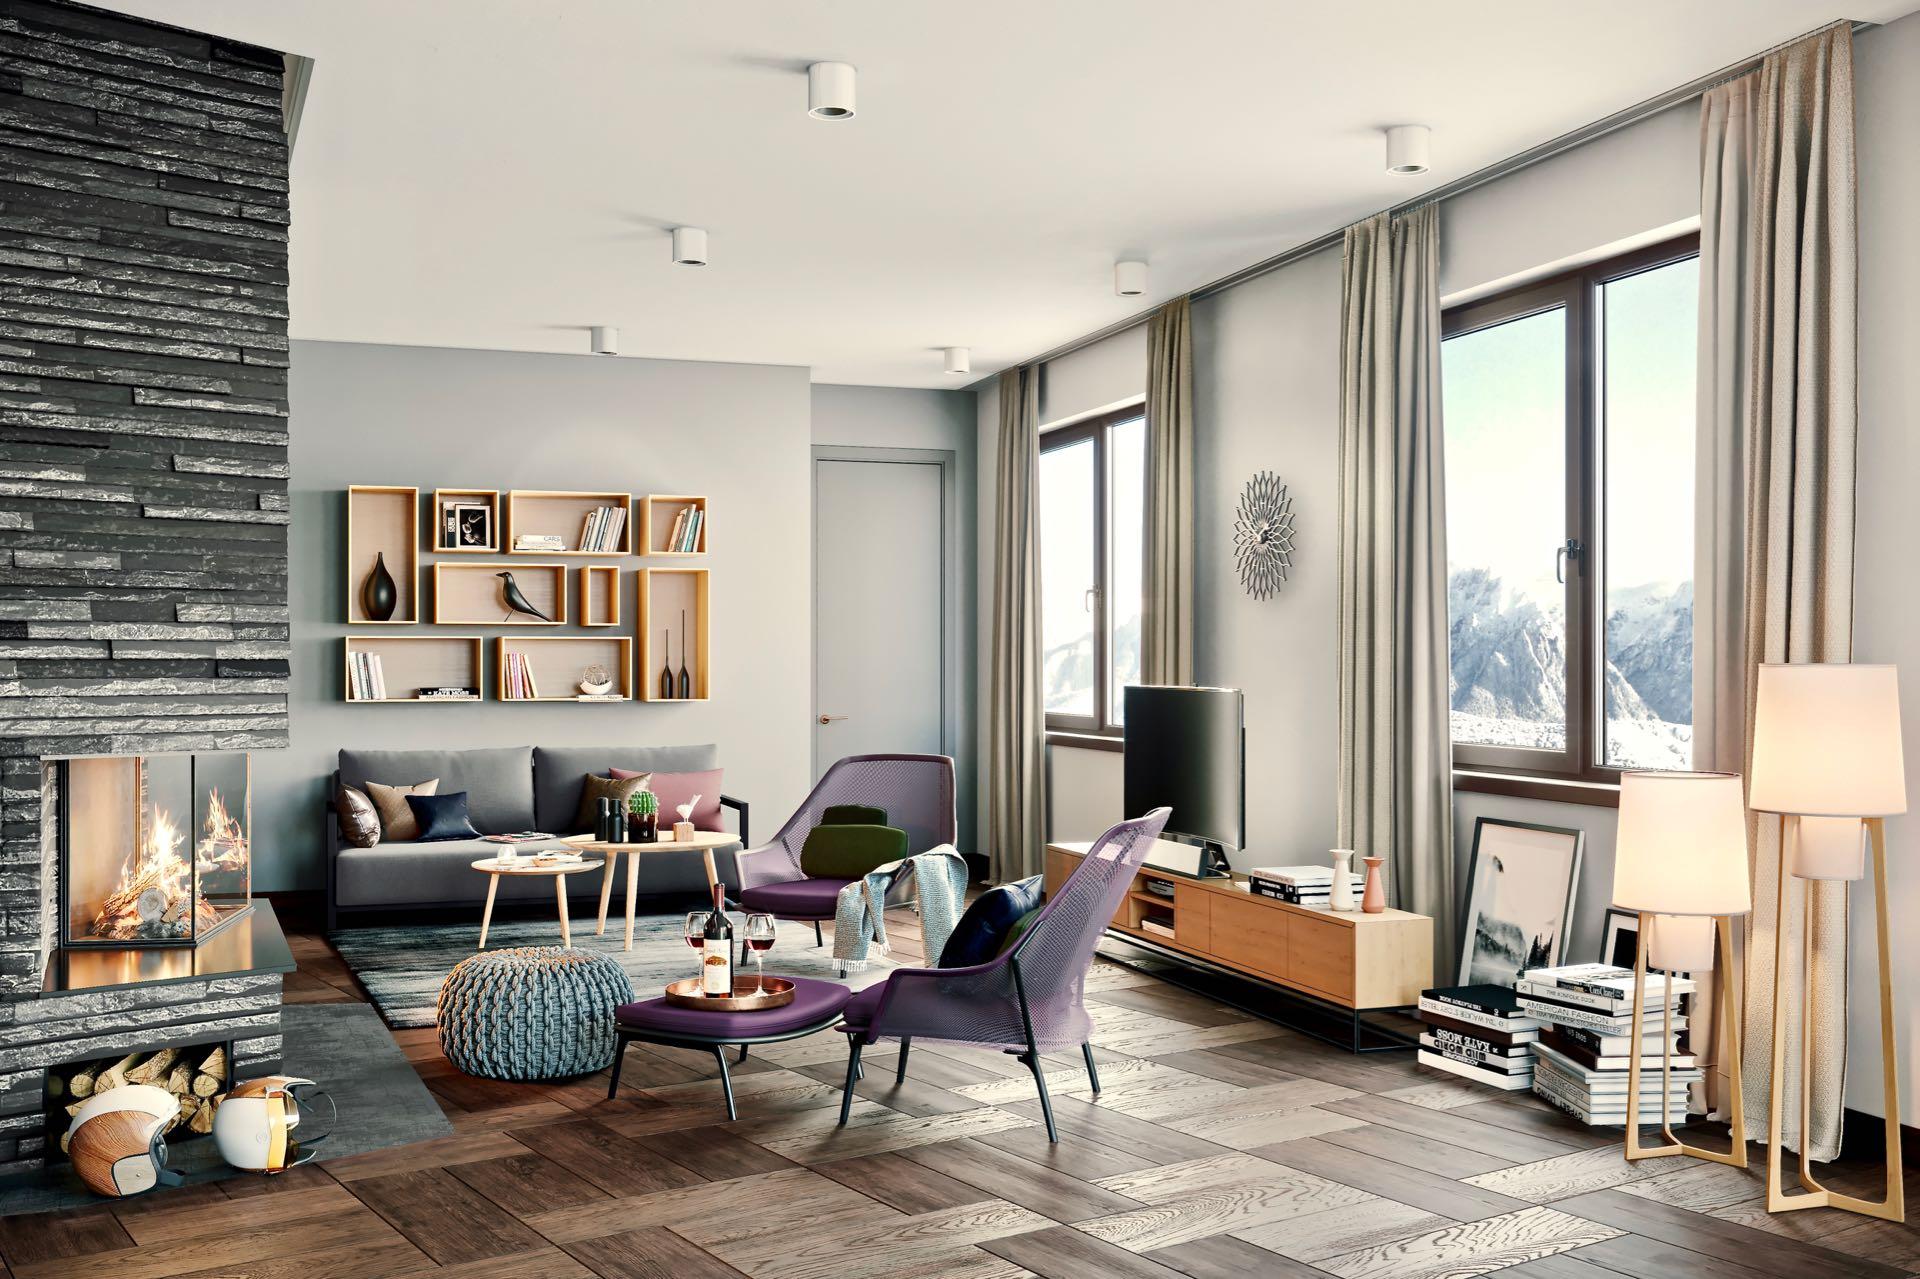 Exklusive Duplex-Penthouses mit 3.5 Zimmer - Wohnfläche ca.: 103 m²Schlafzimmer: 2Badezimmer: 2Ref. 88501-2